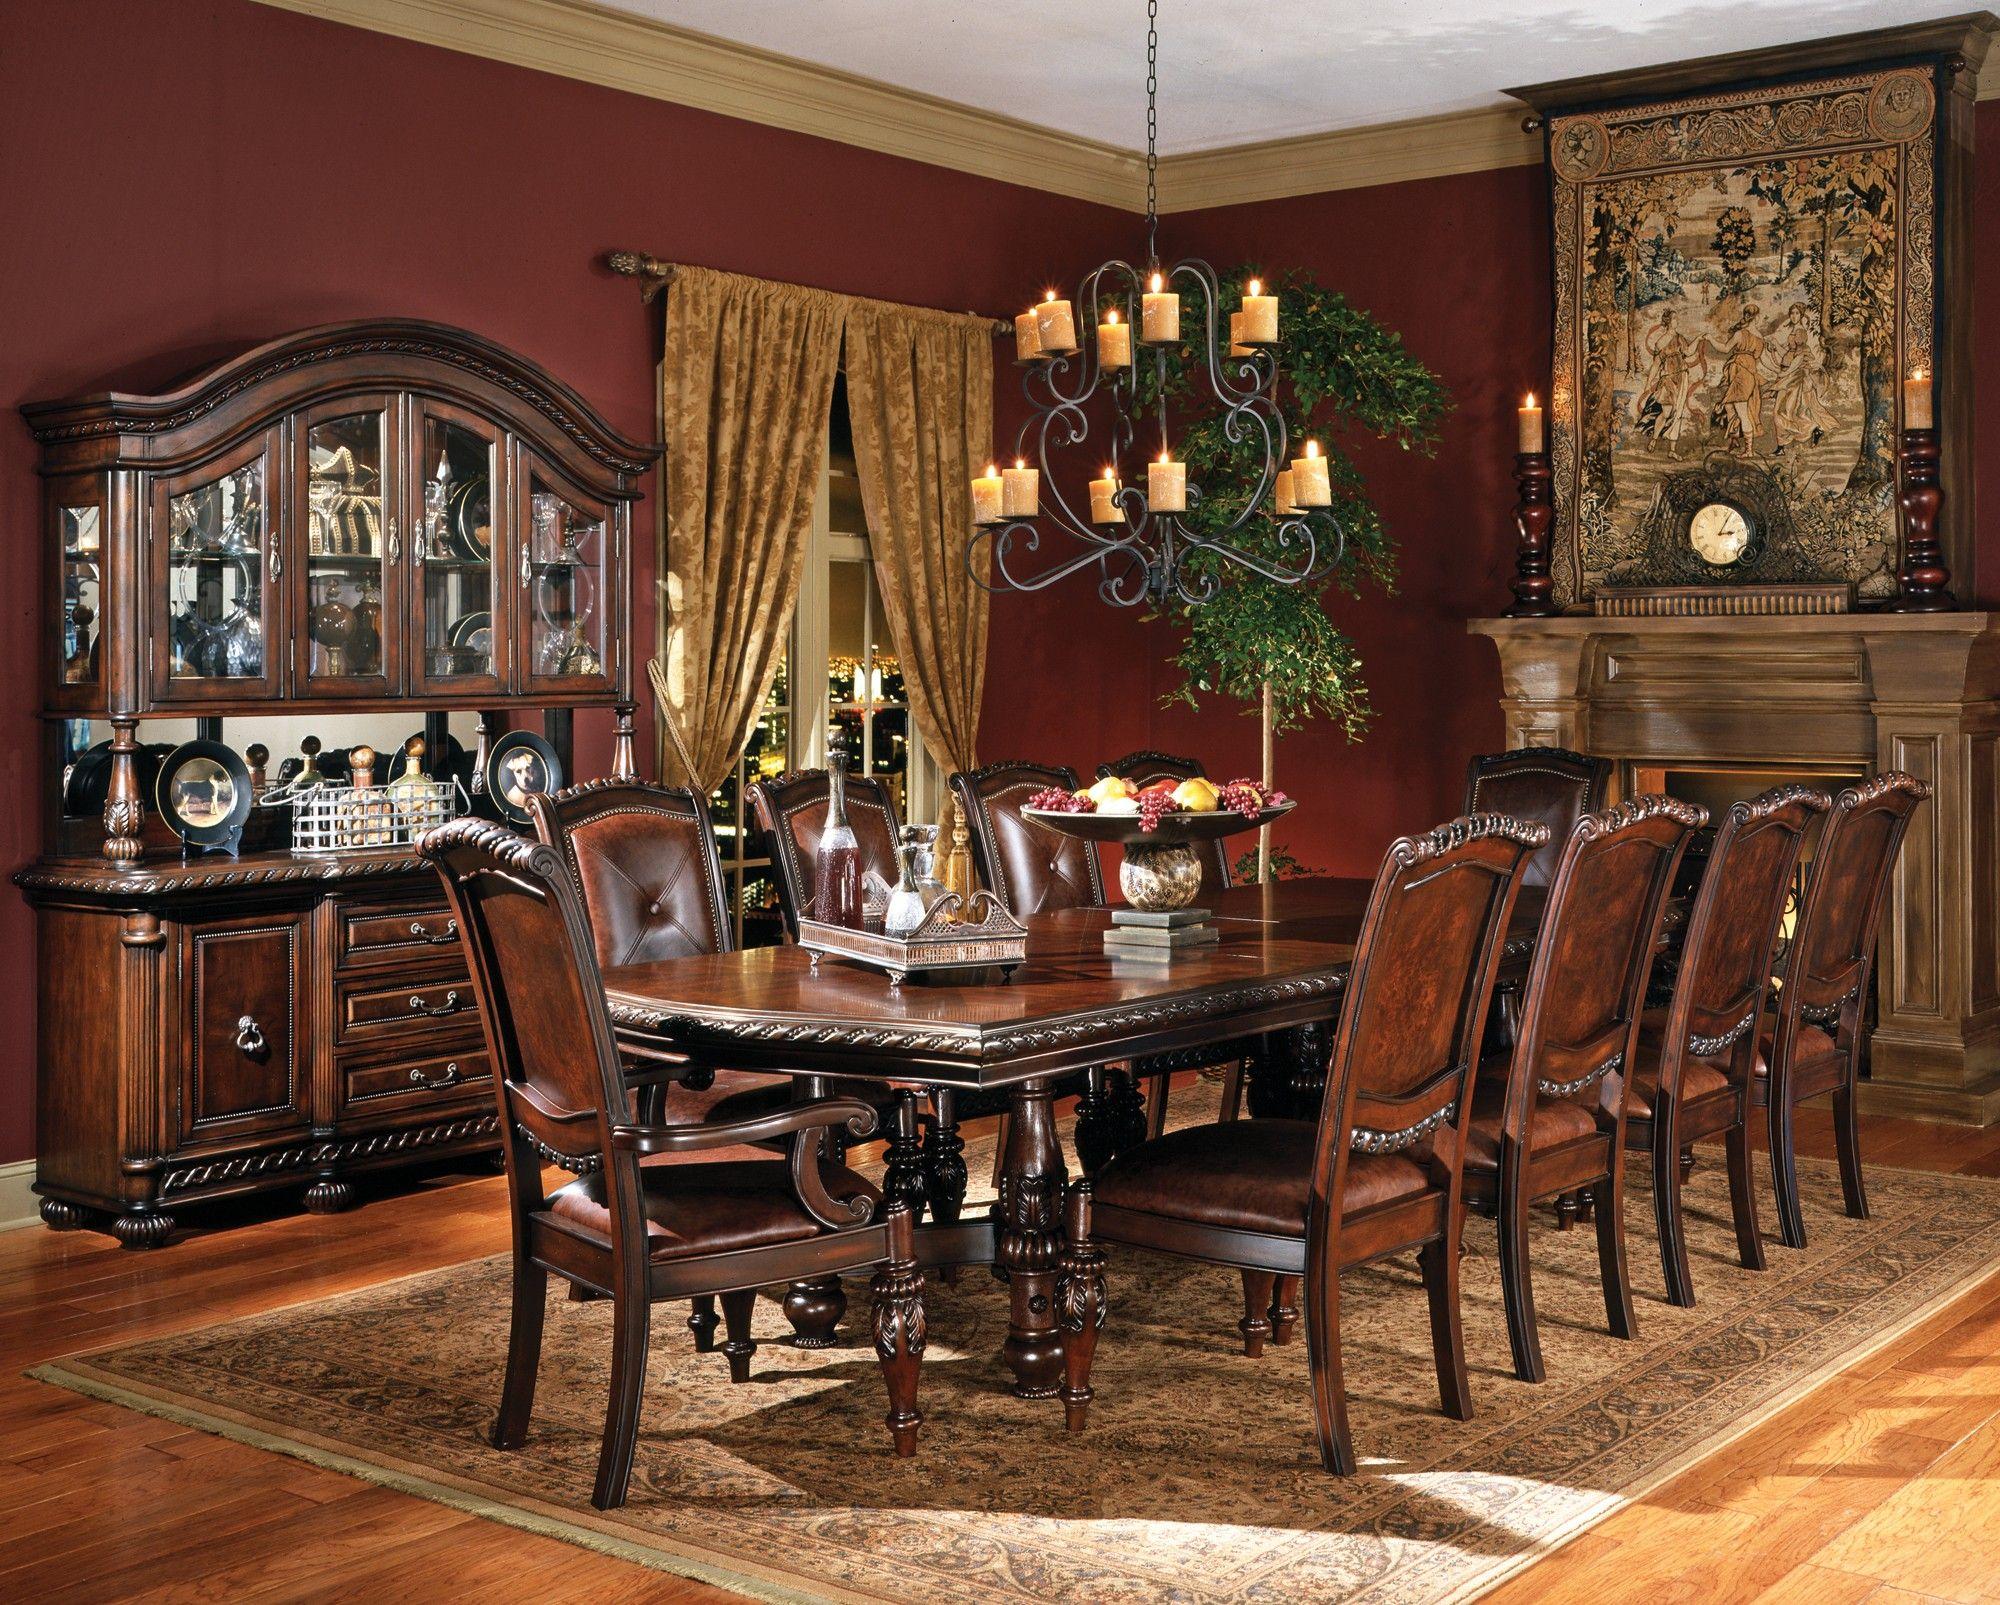 Image Result For Big Dinner Tables Set Rustic Dining Room Sets Wood Dining Room Table Rustic Wood Dining Room Tables